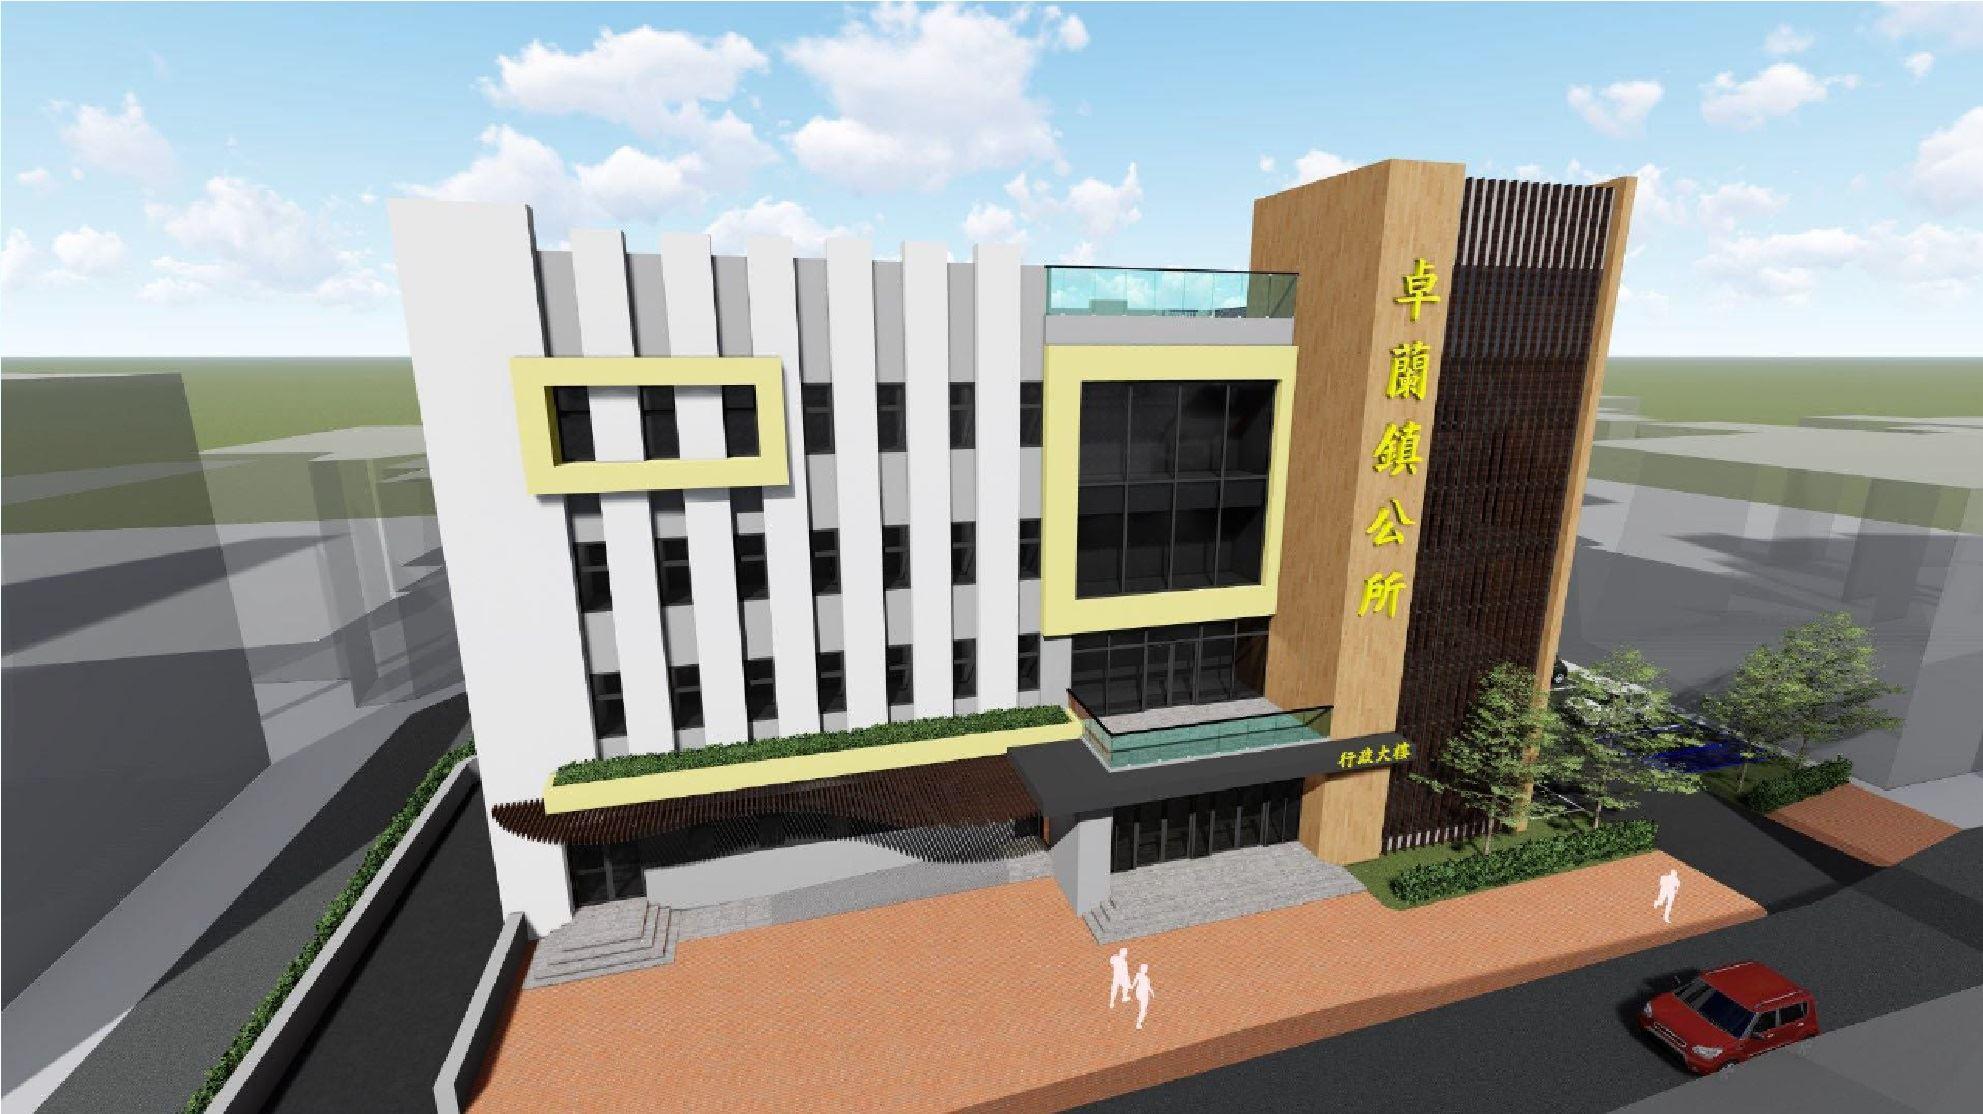 卓蘭鎮公所新建辦公廳舍立面圖之1